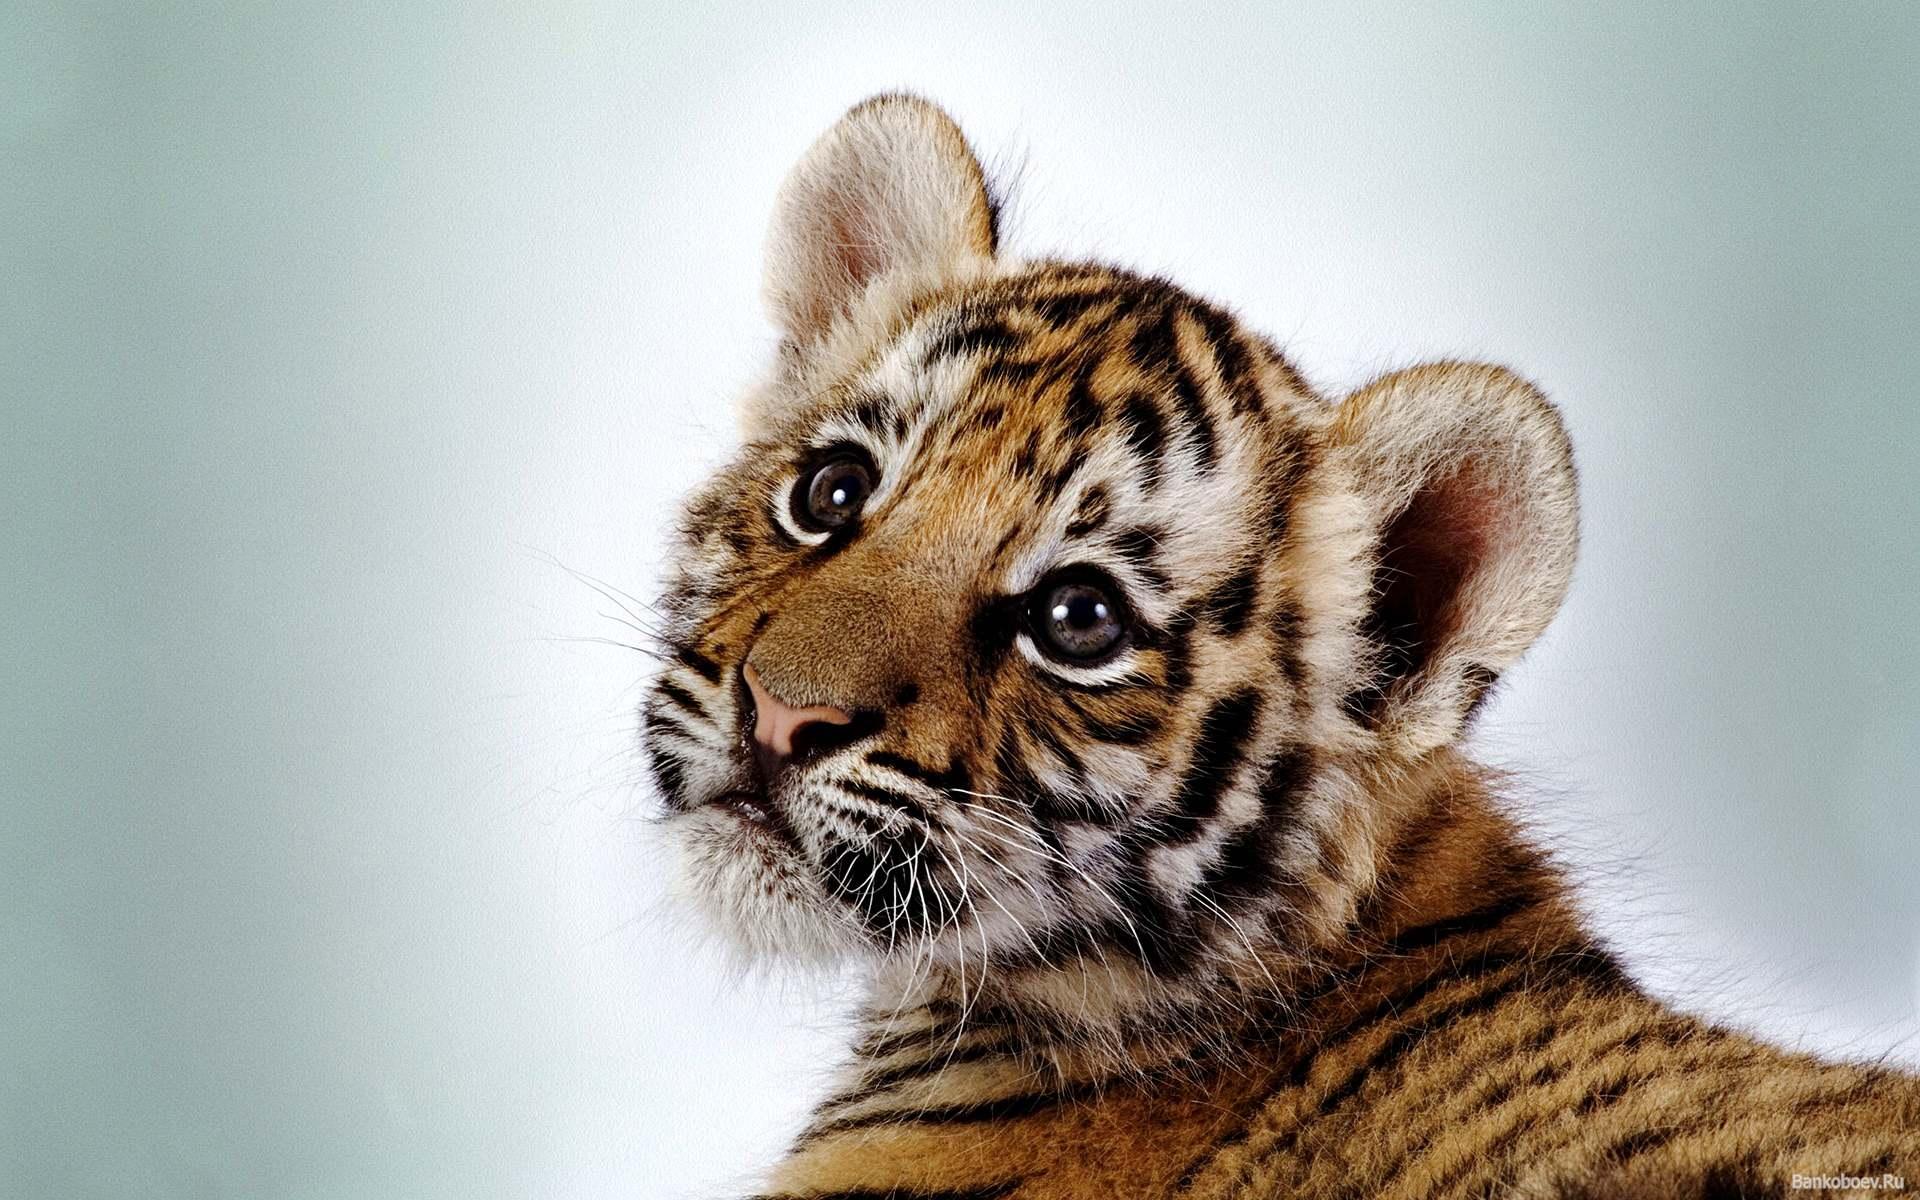 Картинки тигров тигрят